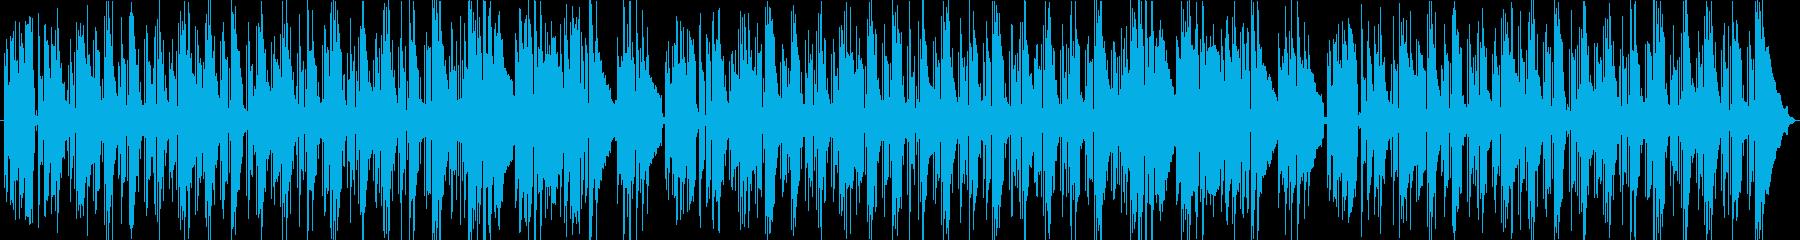 昼下がりの能天気な明るいアコギBGMの再生済みの波形